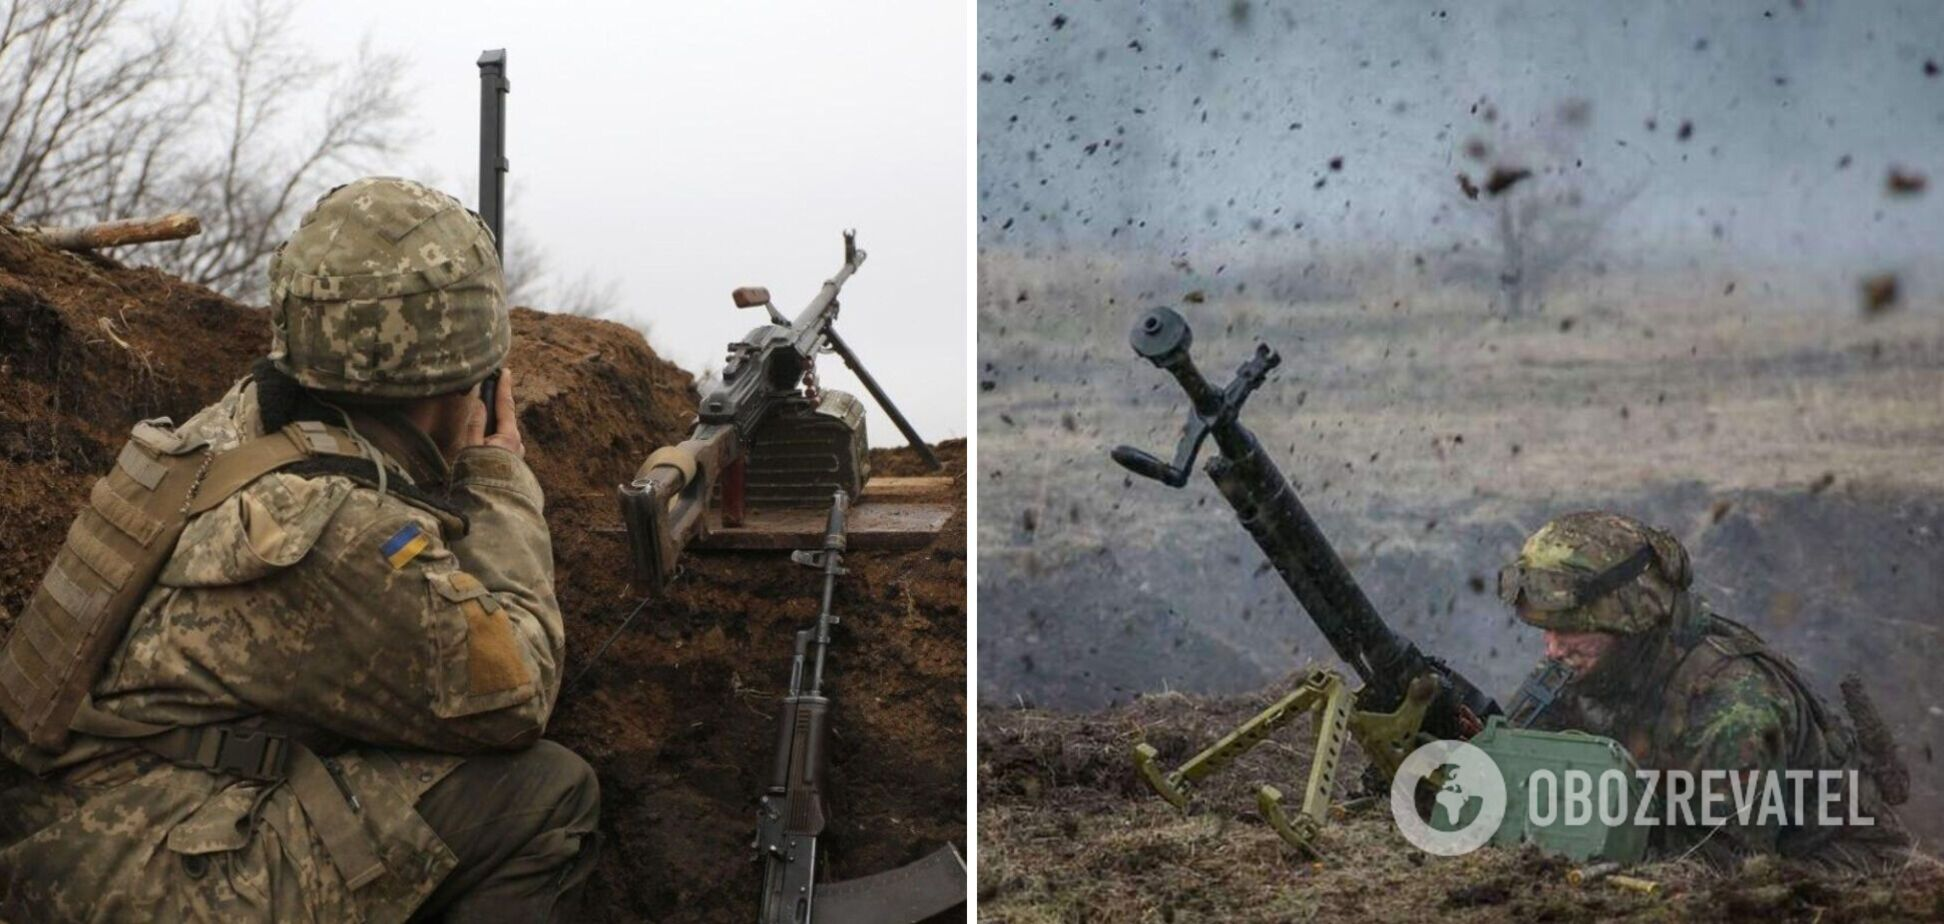 На Донбасі посилилися обстріли, найманці РФ застосували заборонену зброю